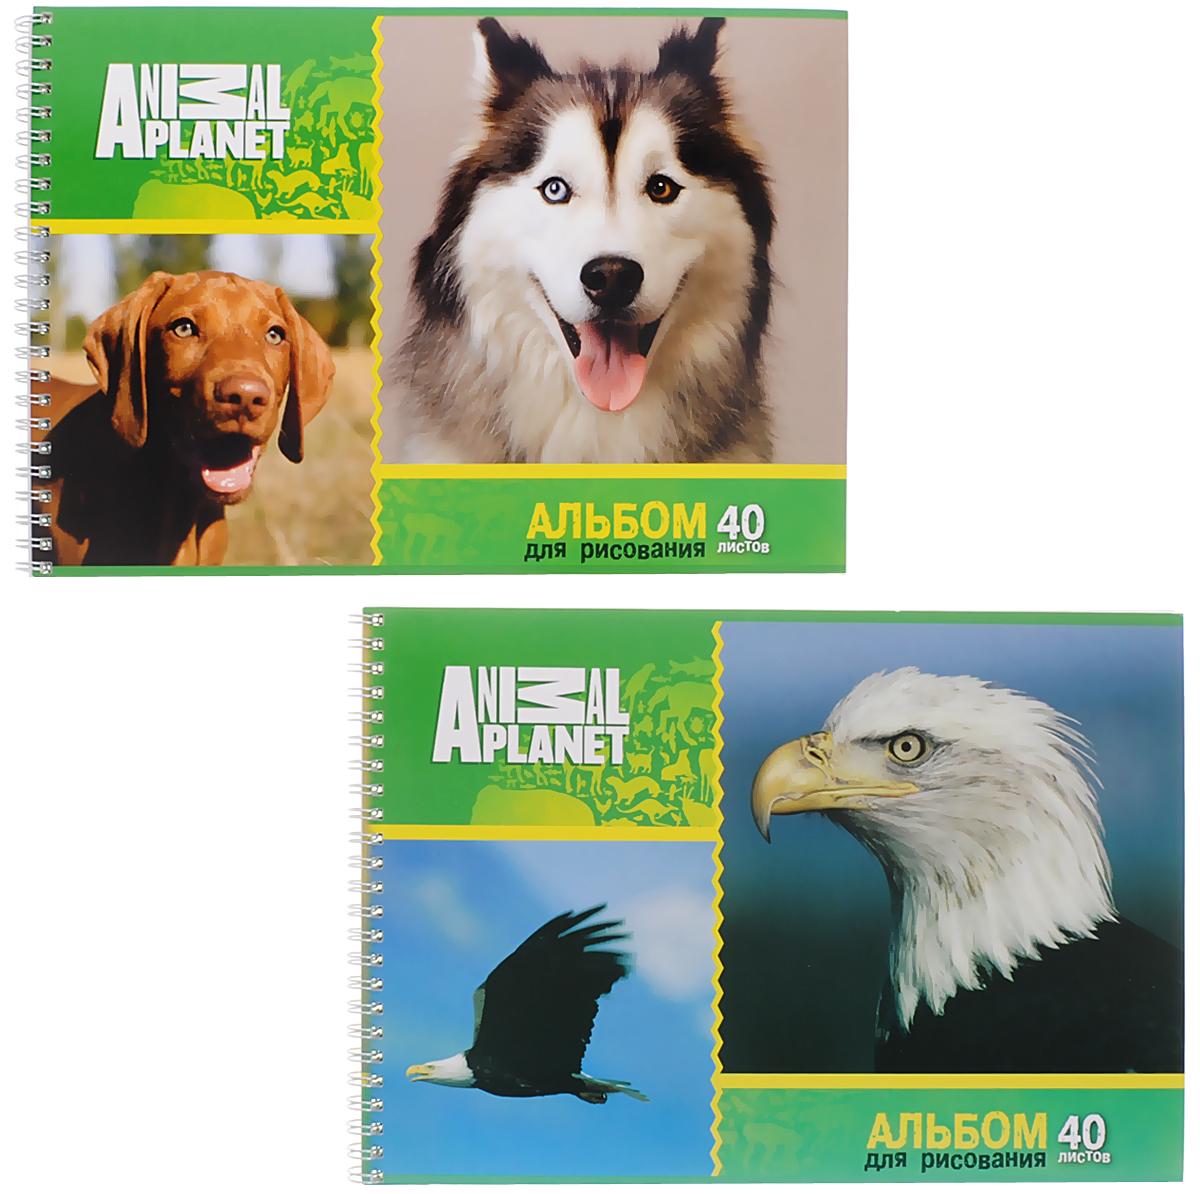 Action! Набор альбомов для рисования Орел и собаки 40 листов 2 штAP-AAS-40/1_орел/собакиАльбом для рисования Action! Орел и собаки обязательно порадует маленького художника и вдохновит его на творчество. Альбом изготовлен из белоснежной бумаги с яркой обложкой из плотного картона. Внутренний блок альбома на гребне. Один альбом содержит 40 листов. В набор входят два альбома.